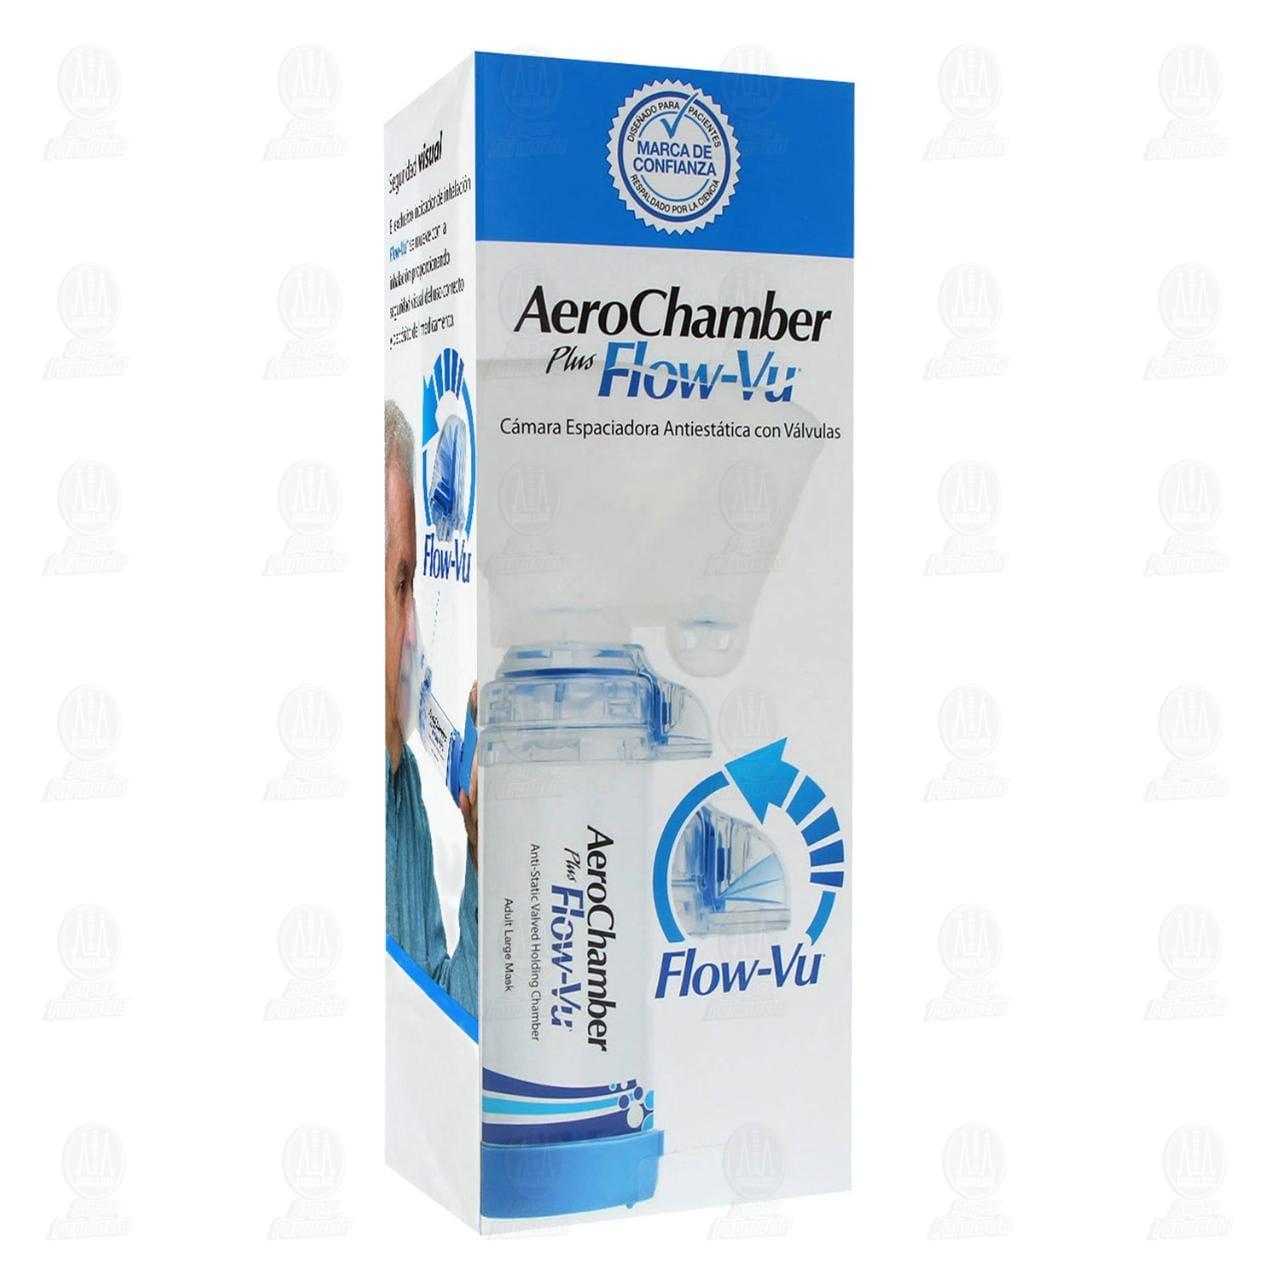 comprar https://www.movil.farmaciasguadalajara.com/wcsstore/FGCAS/wcs/products/844713_A_1280_AL.jpg en farmacias guadalajara